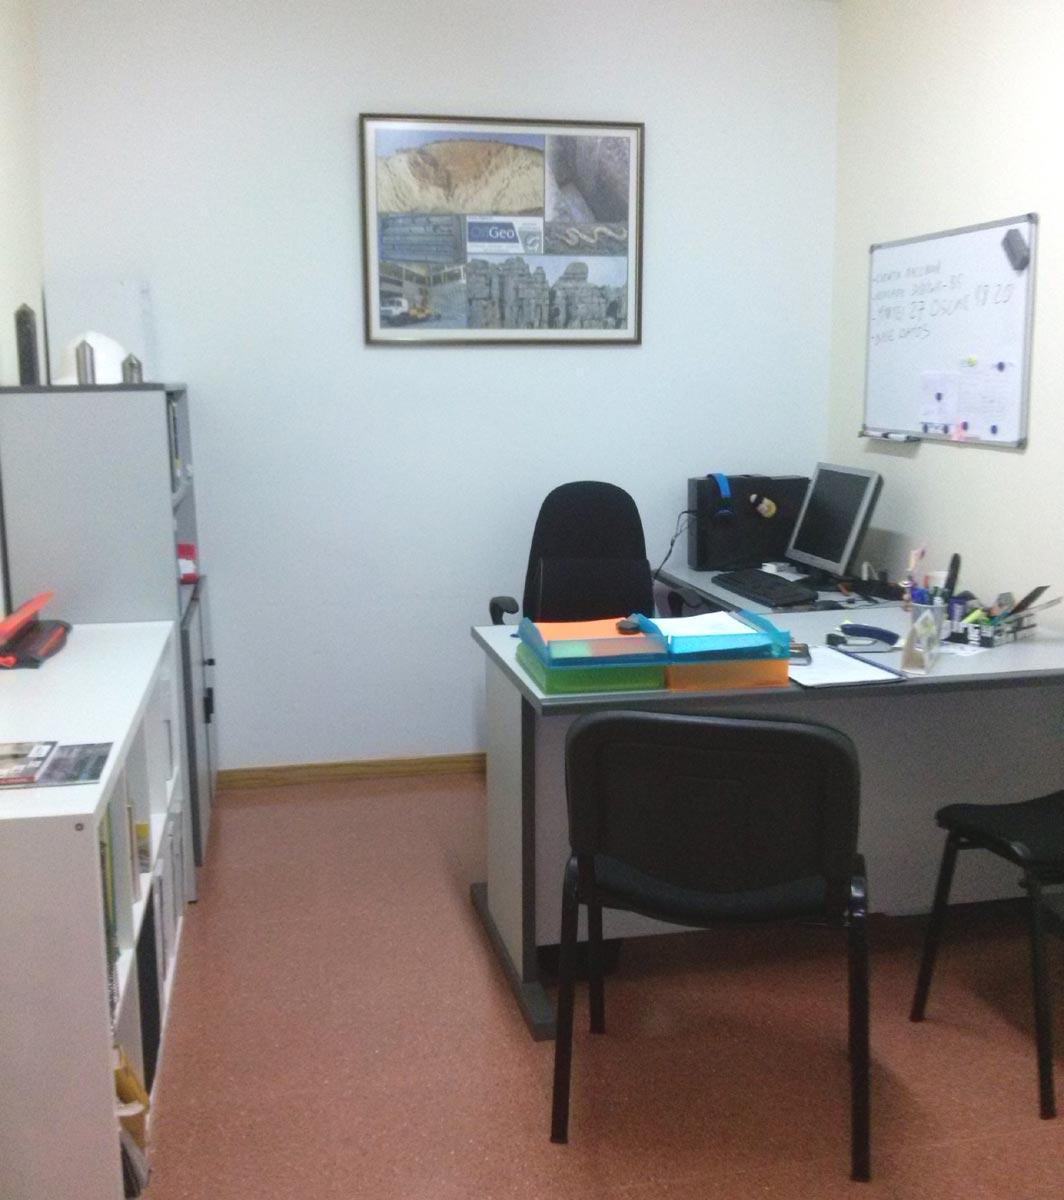 Oficina de alquiler para una persona en zaragoza for Oficinas zaragoza alquiler